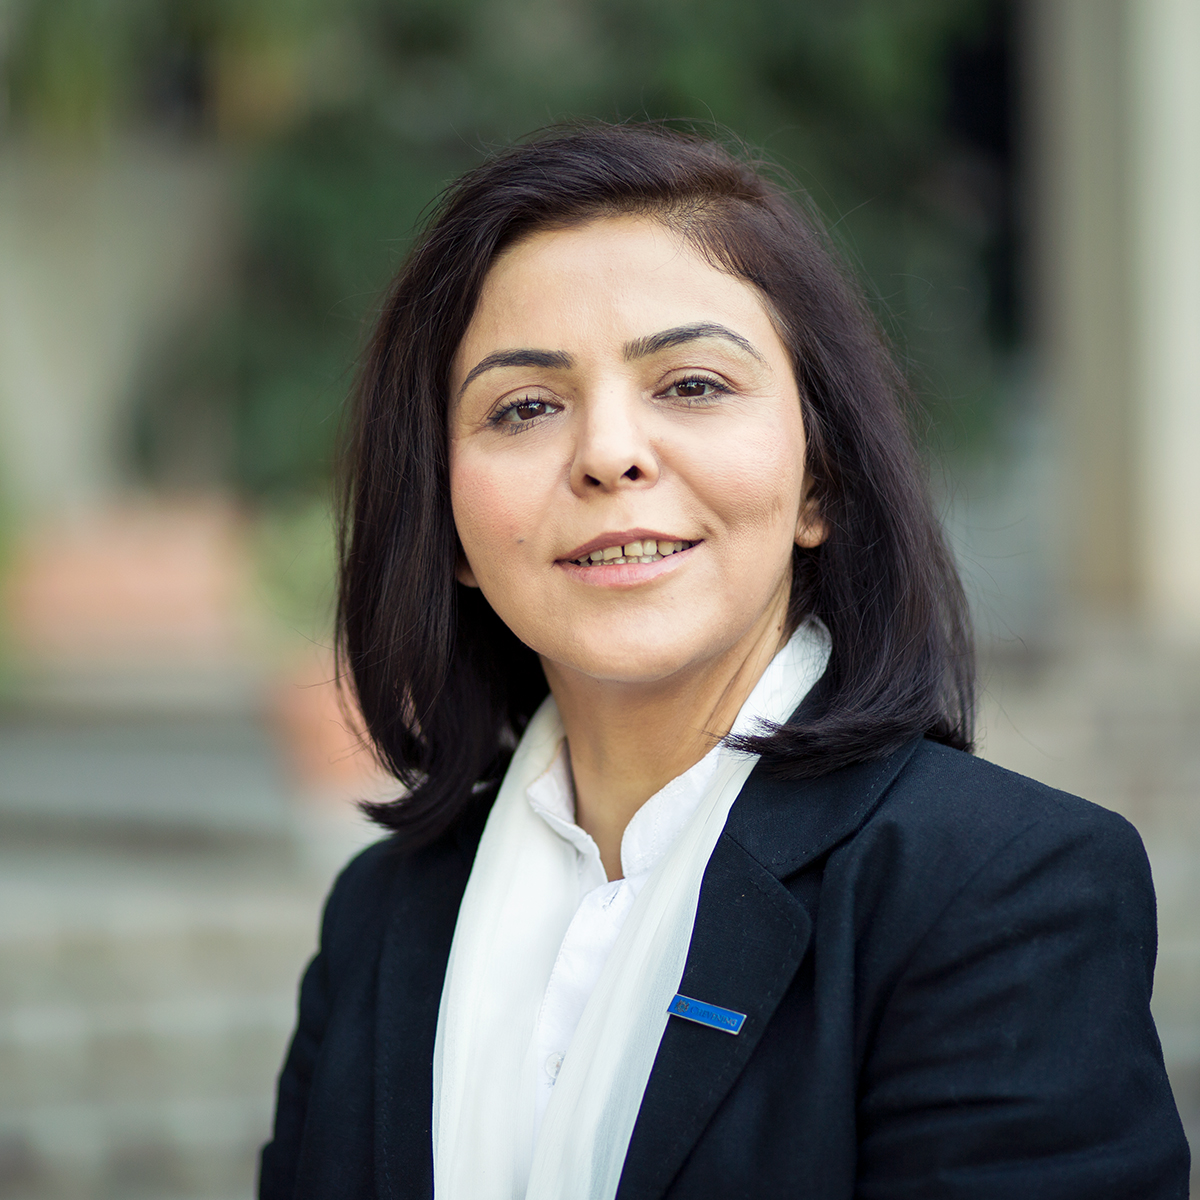 Amna Zamir Shah